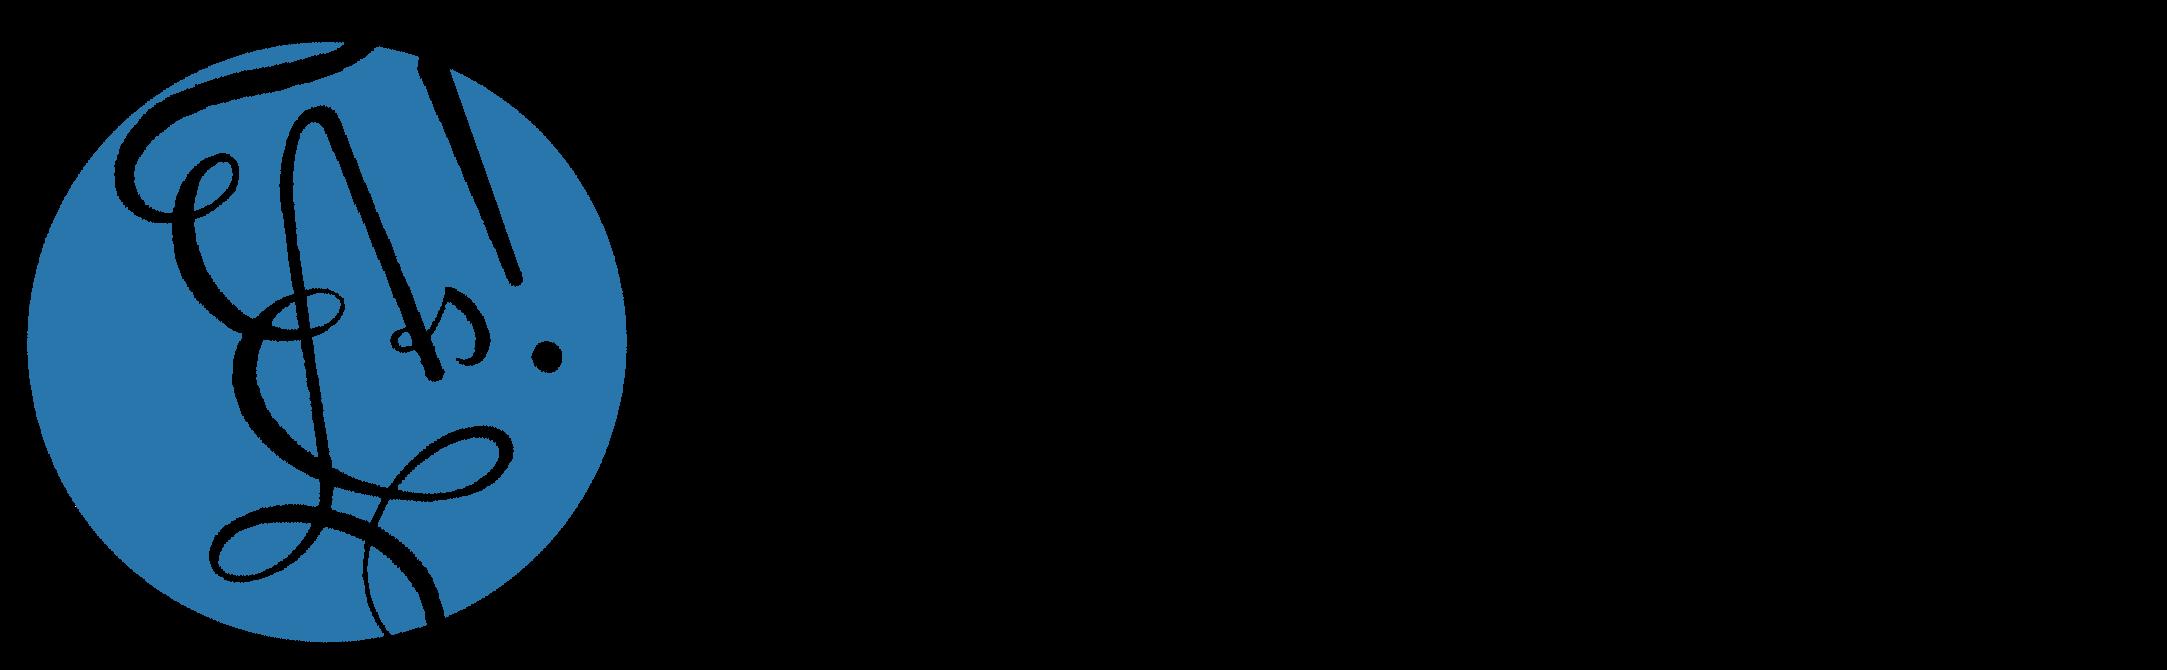 Asciburgia zu Oberschüten